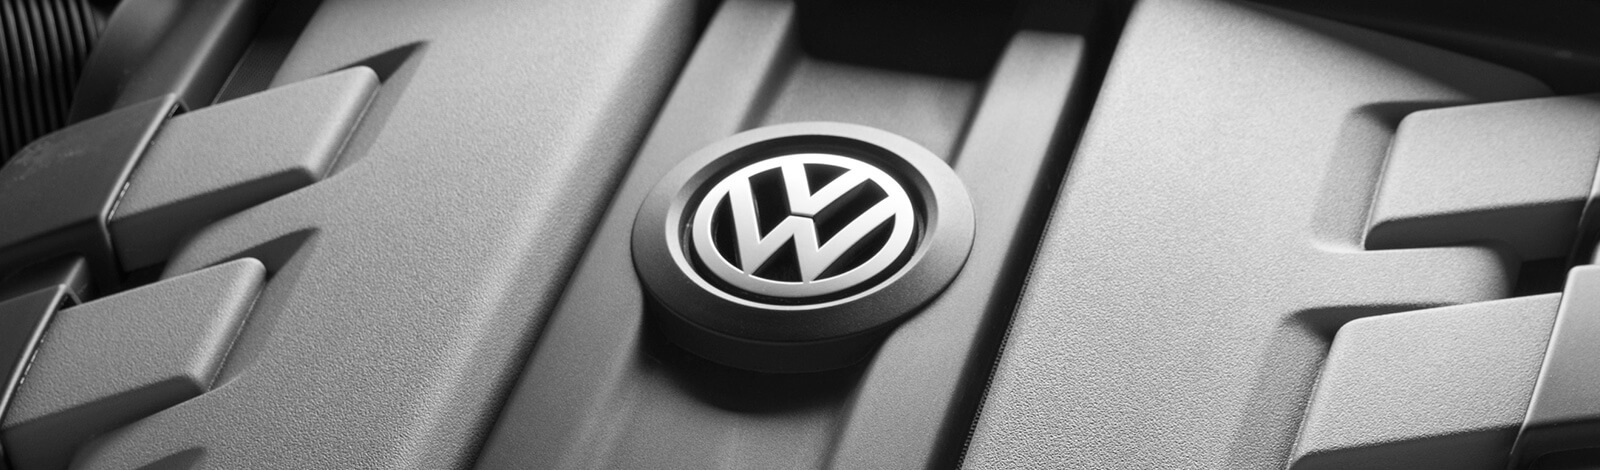 Volkswagen Documents Destroyed Goautonews Premium